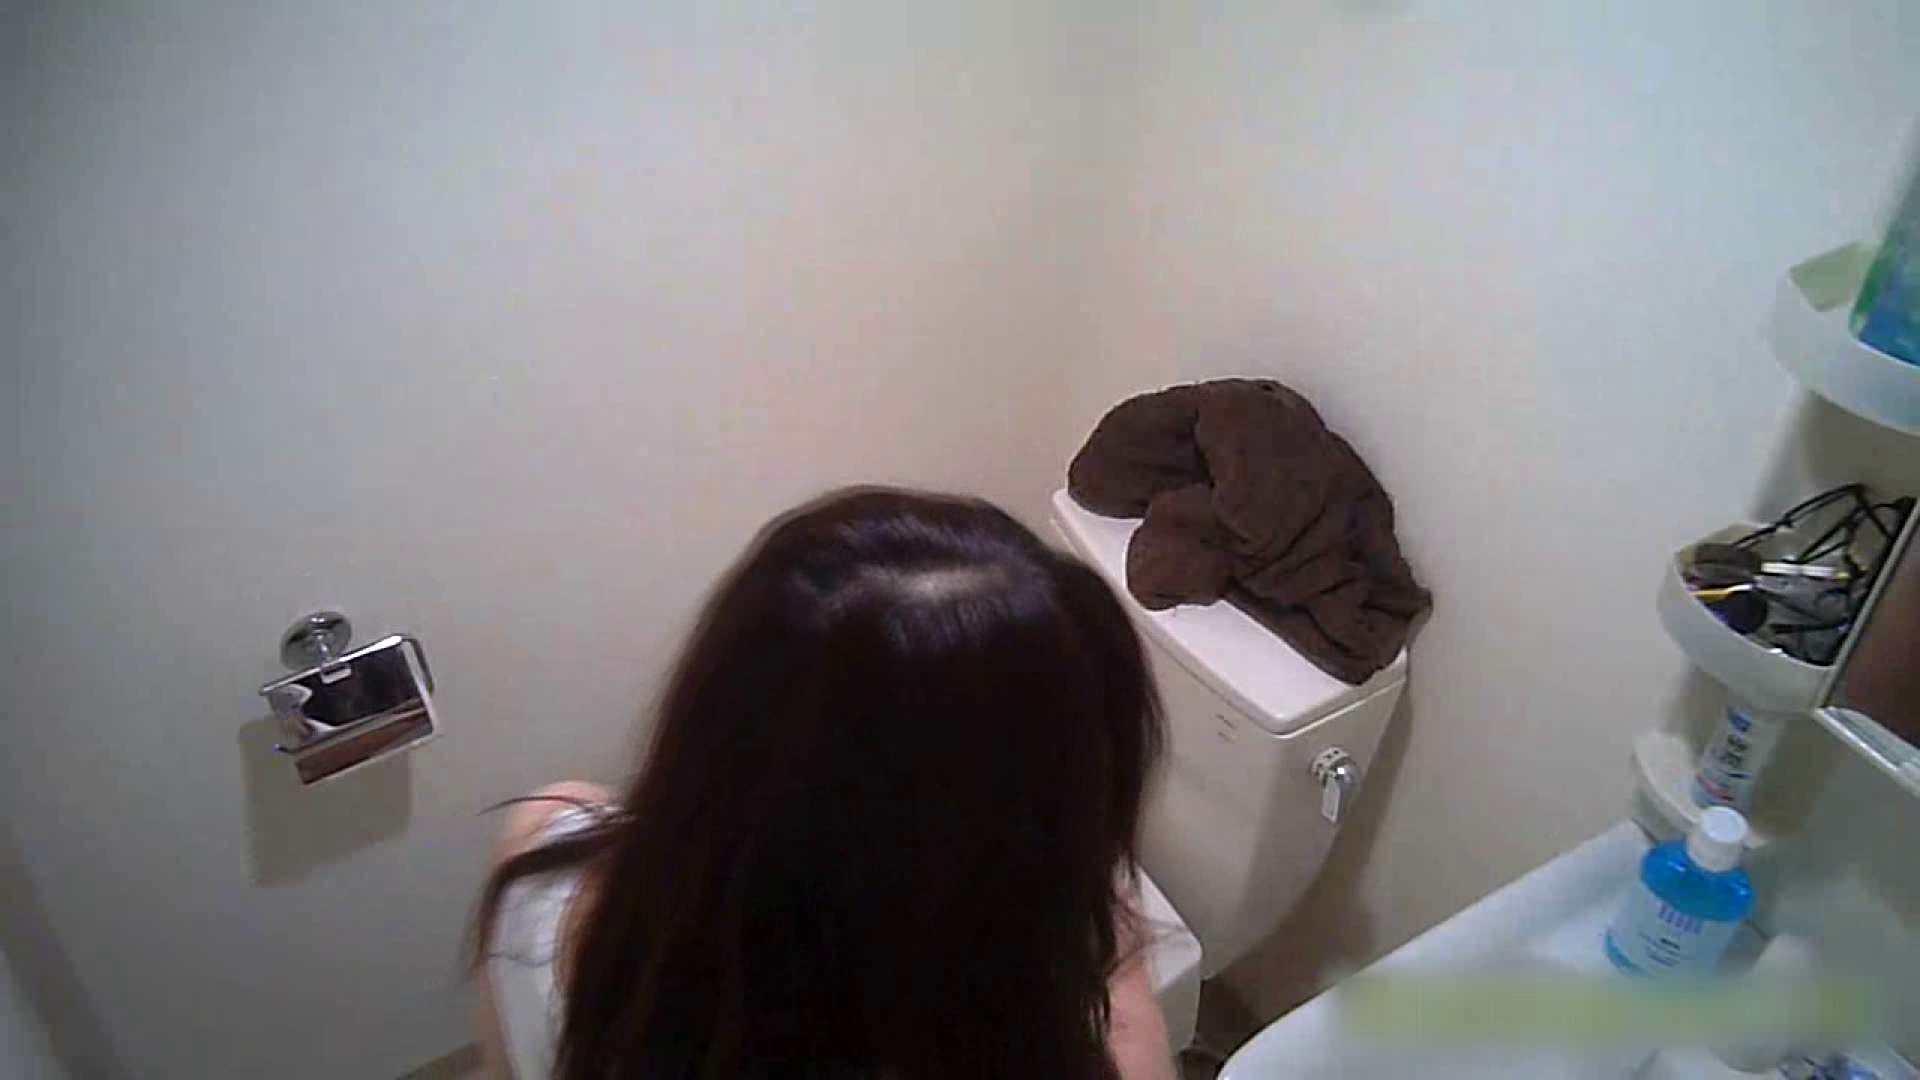 元気いっぱいノリノリ系なB子23歳(仮名)Vol.01 トイレ着替え編 トイレ | 着替えハメ撮り  73画像 22